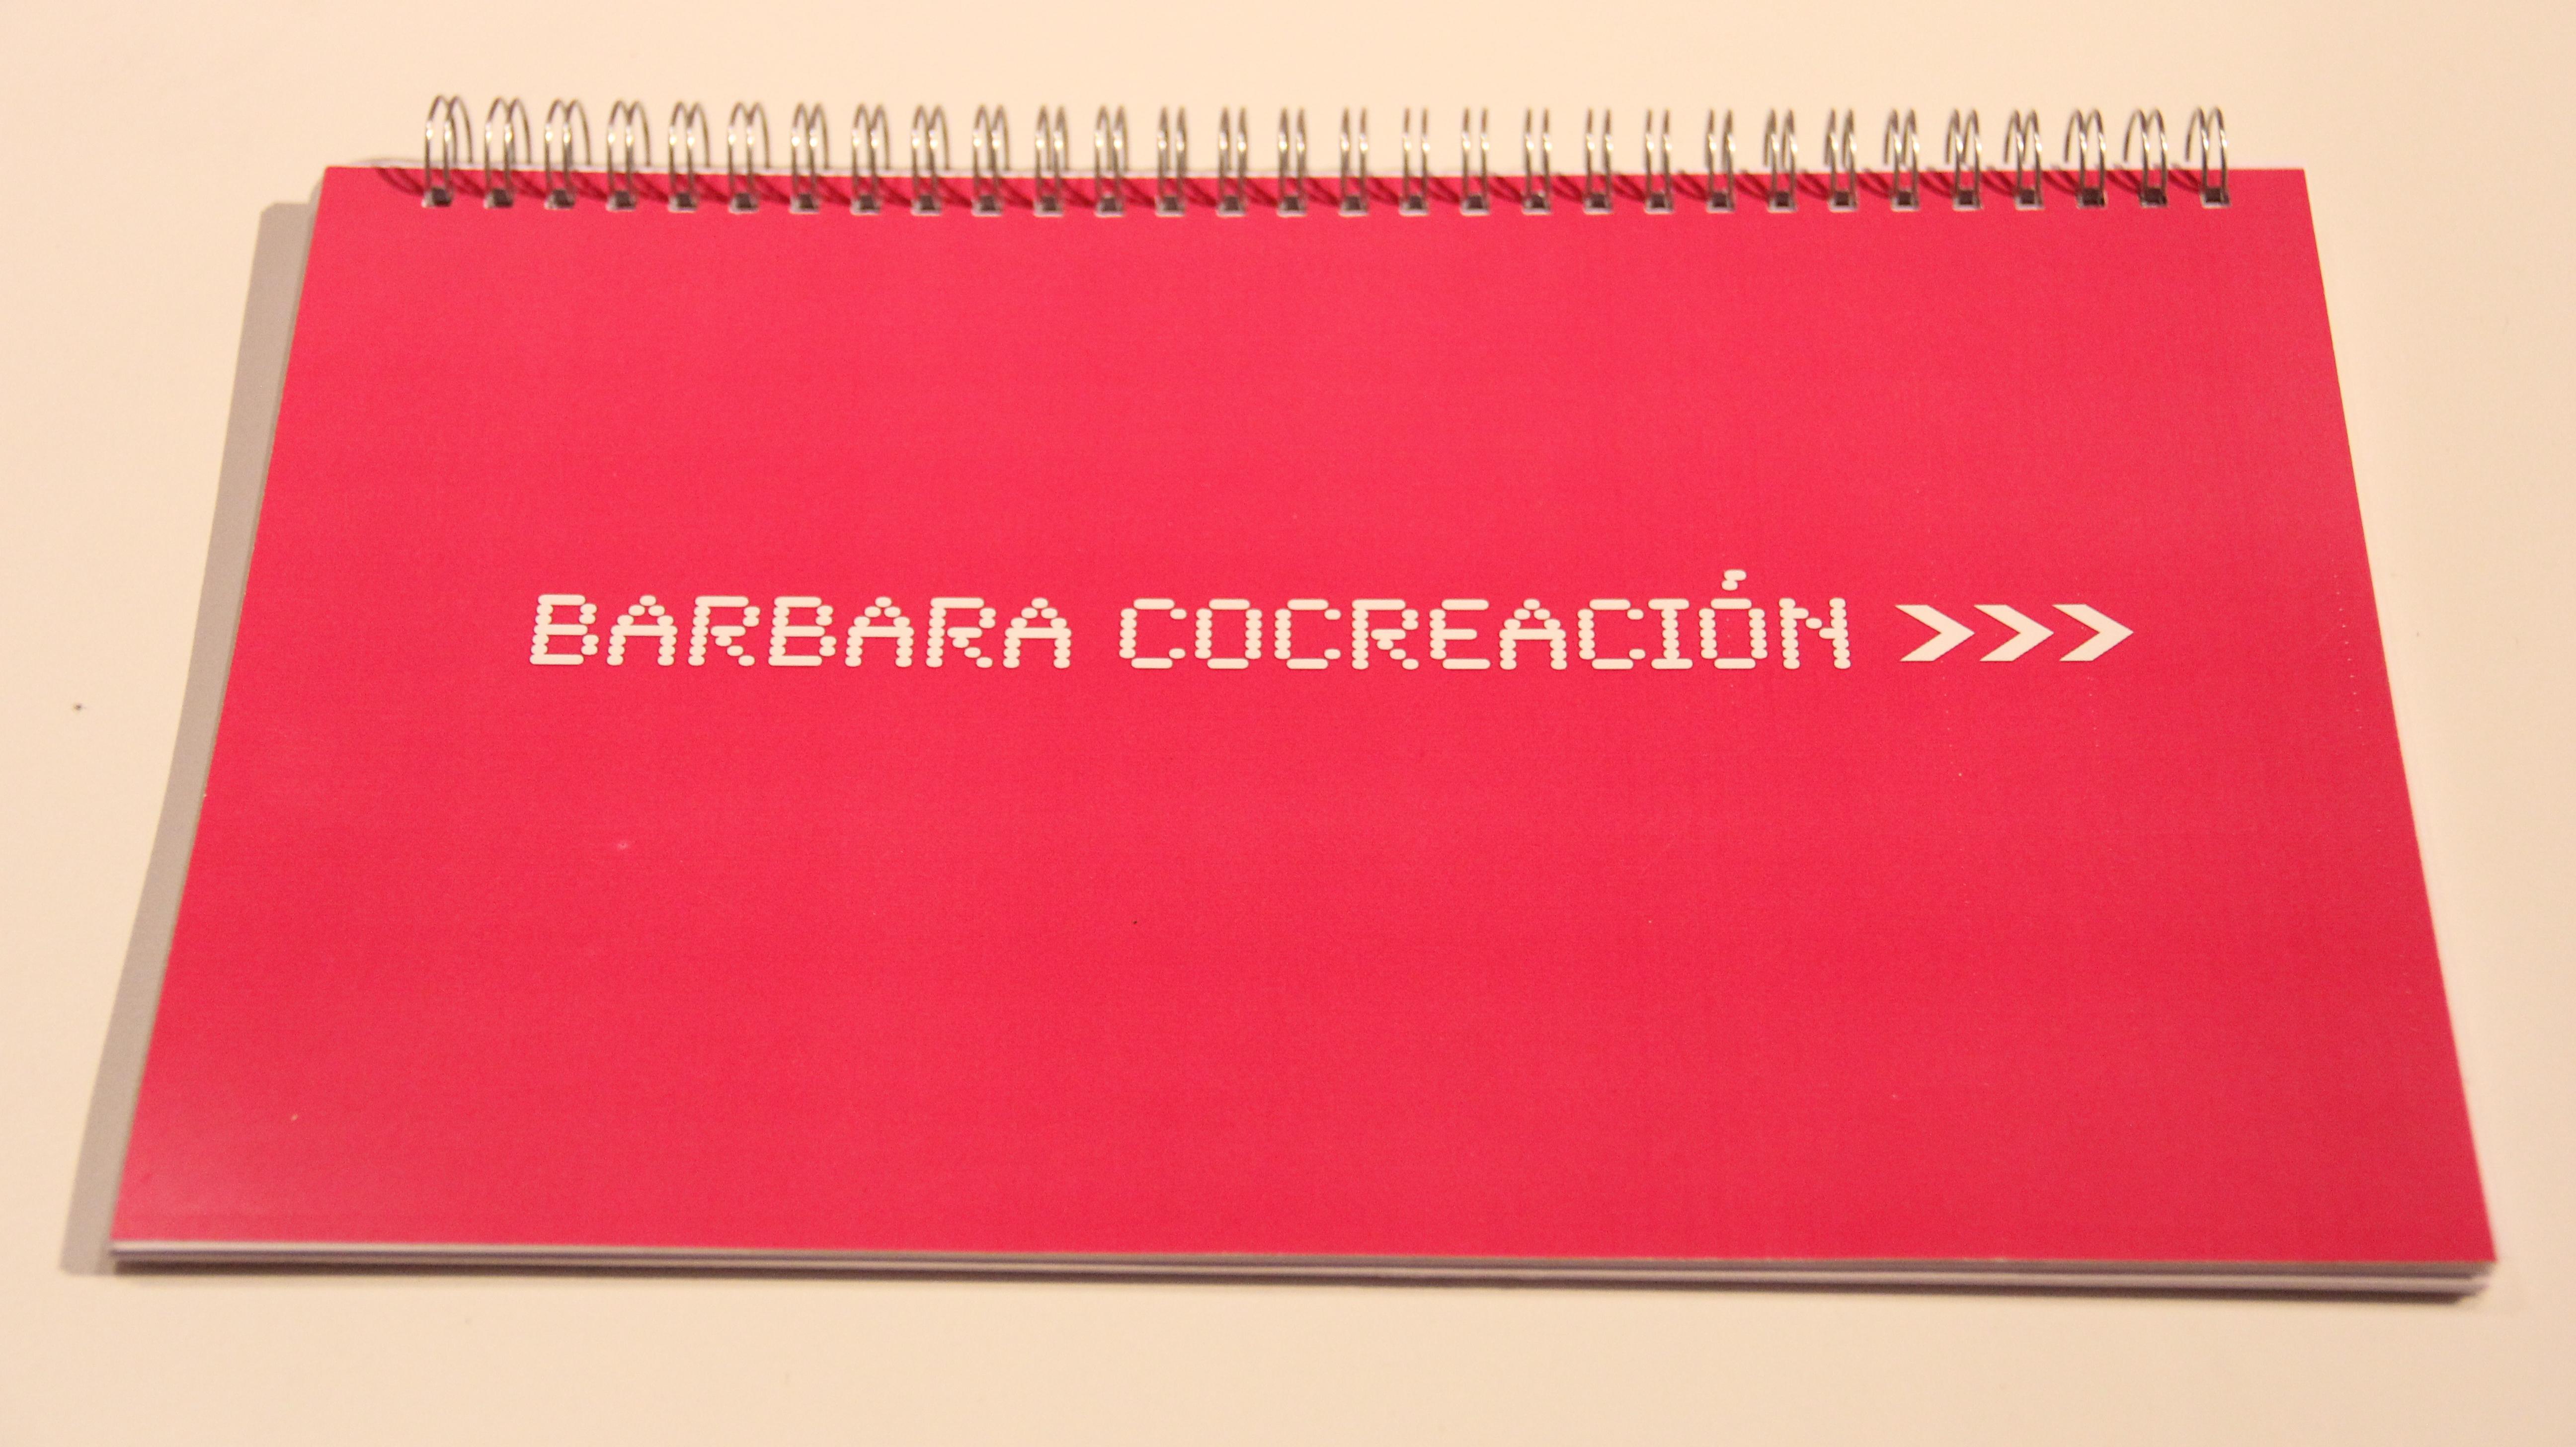 Barbara Cocreación